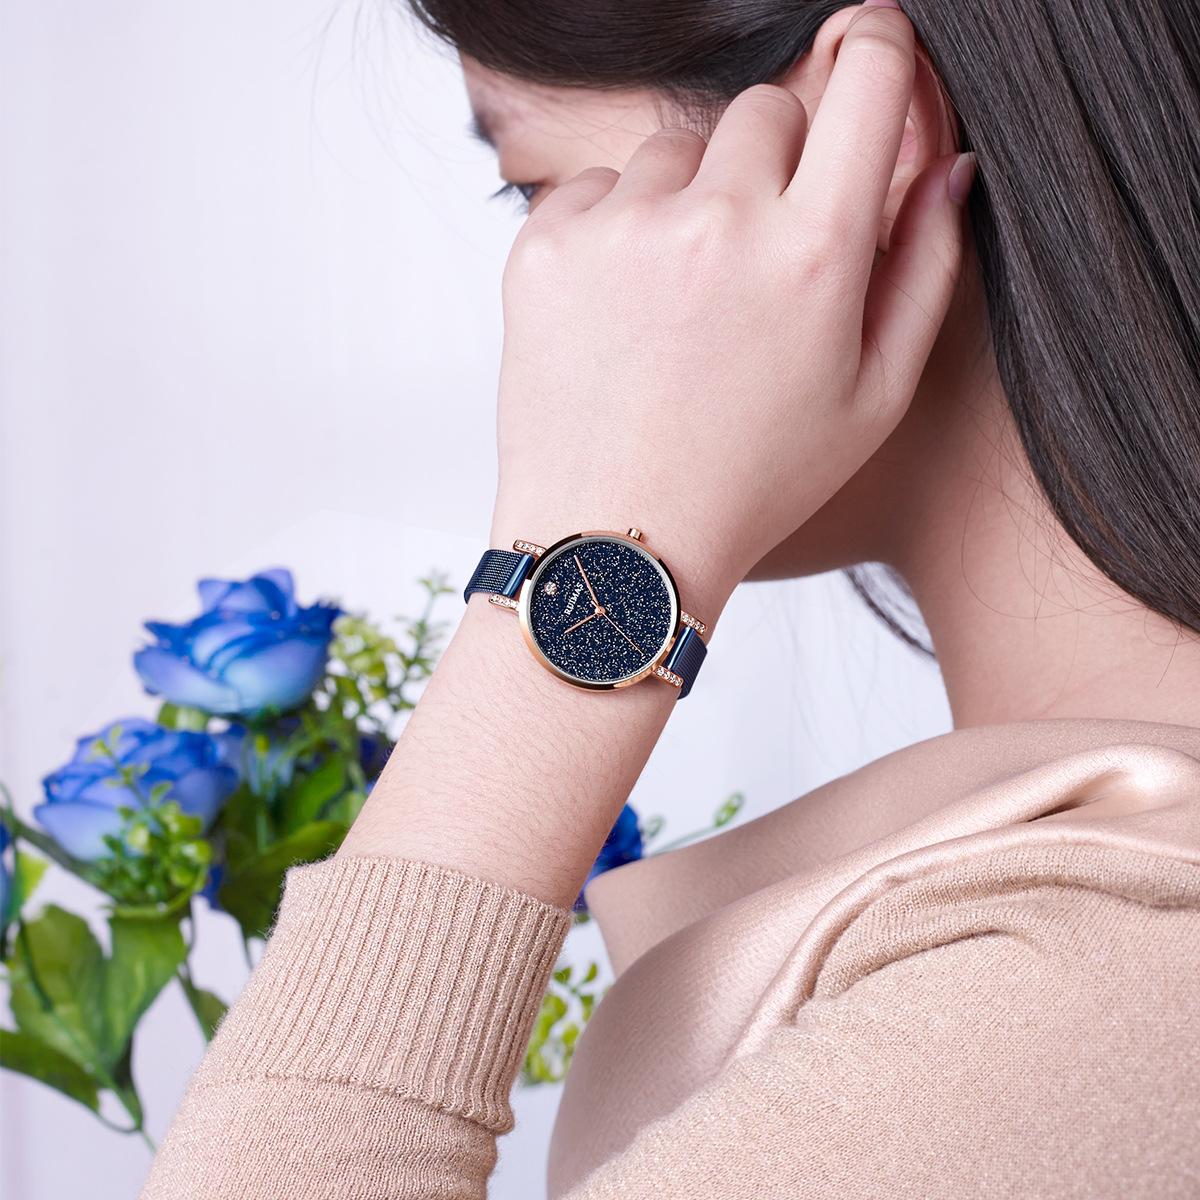 镶钻国产腕表 2019 新款瑞马仕女士时尚简约女手表潮流石英表防水